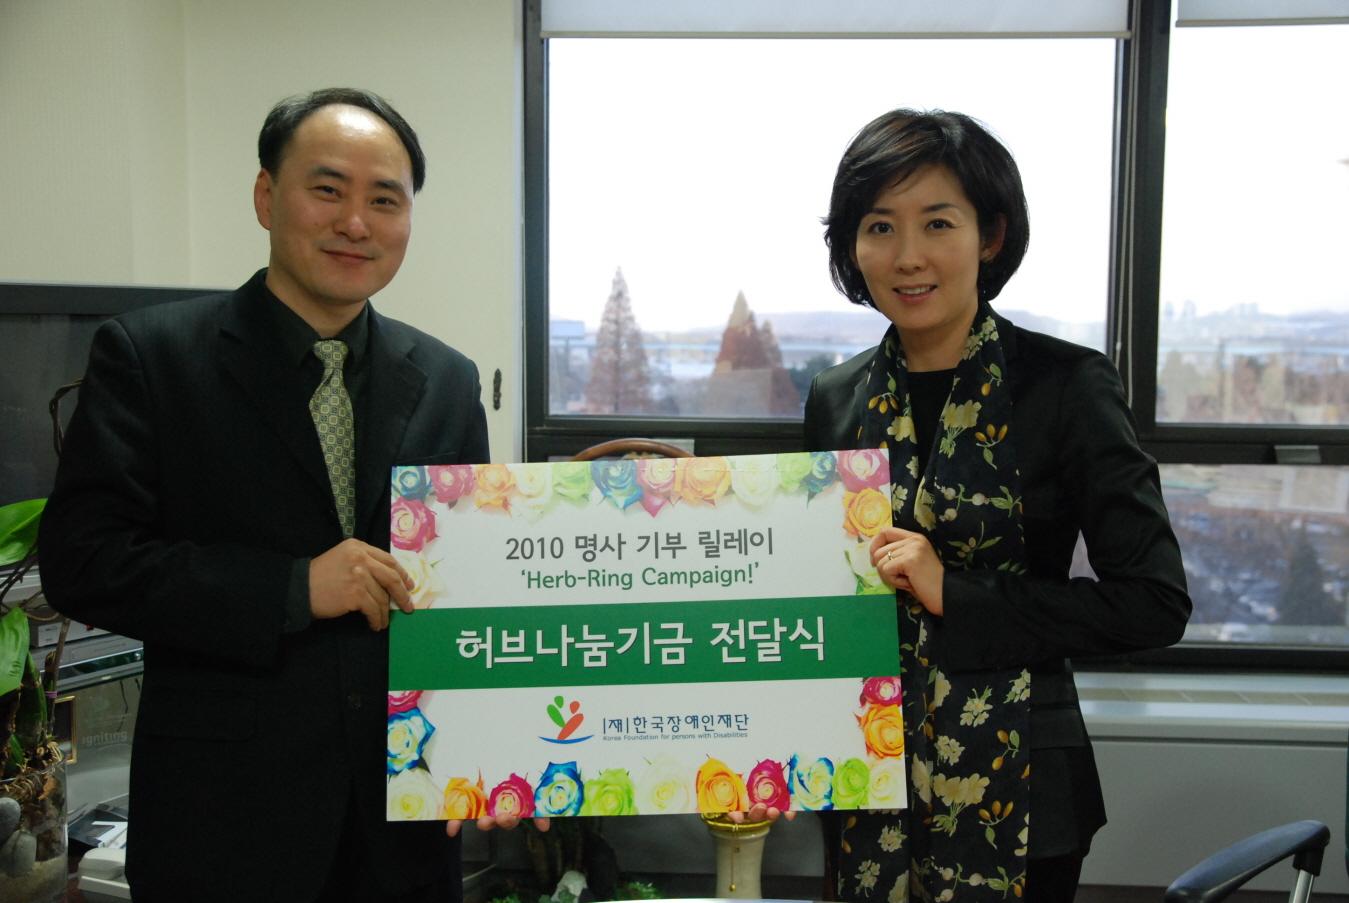 [나눔story] 한국장애인재단의 명사기부릴레이의 세번째 주자! 나경원 의원님! 의 관련 사진